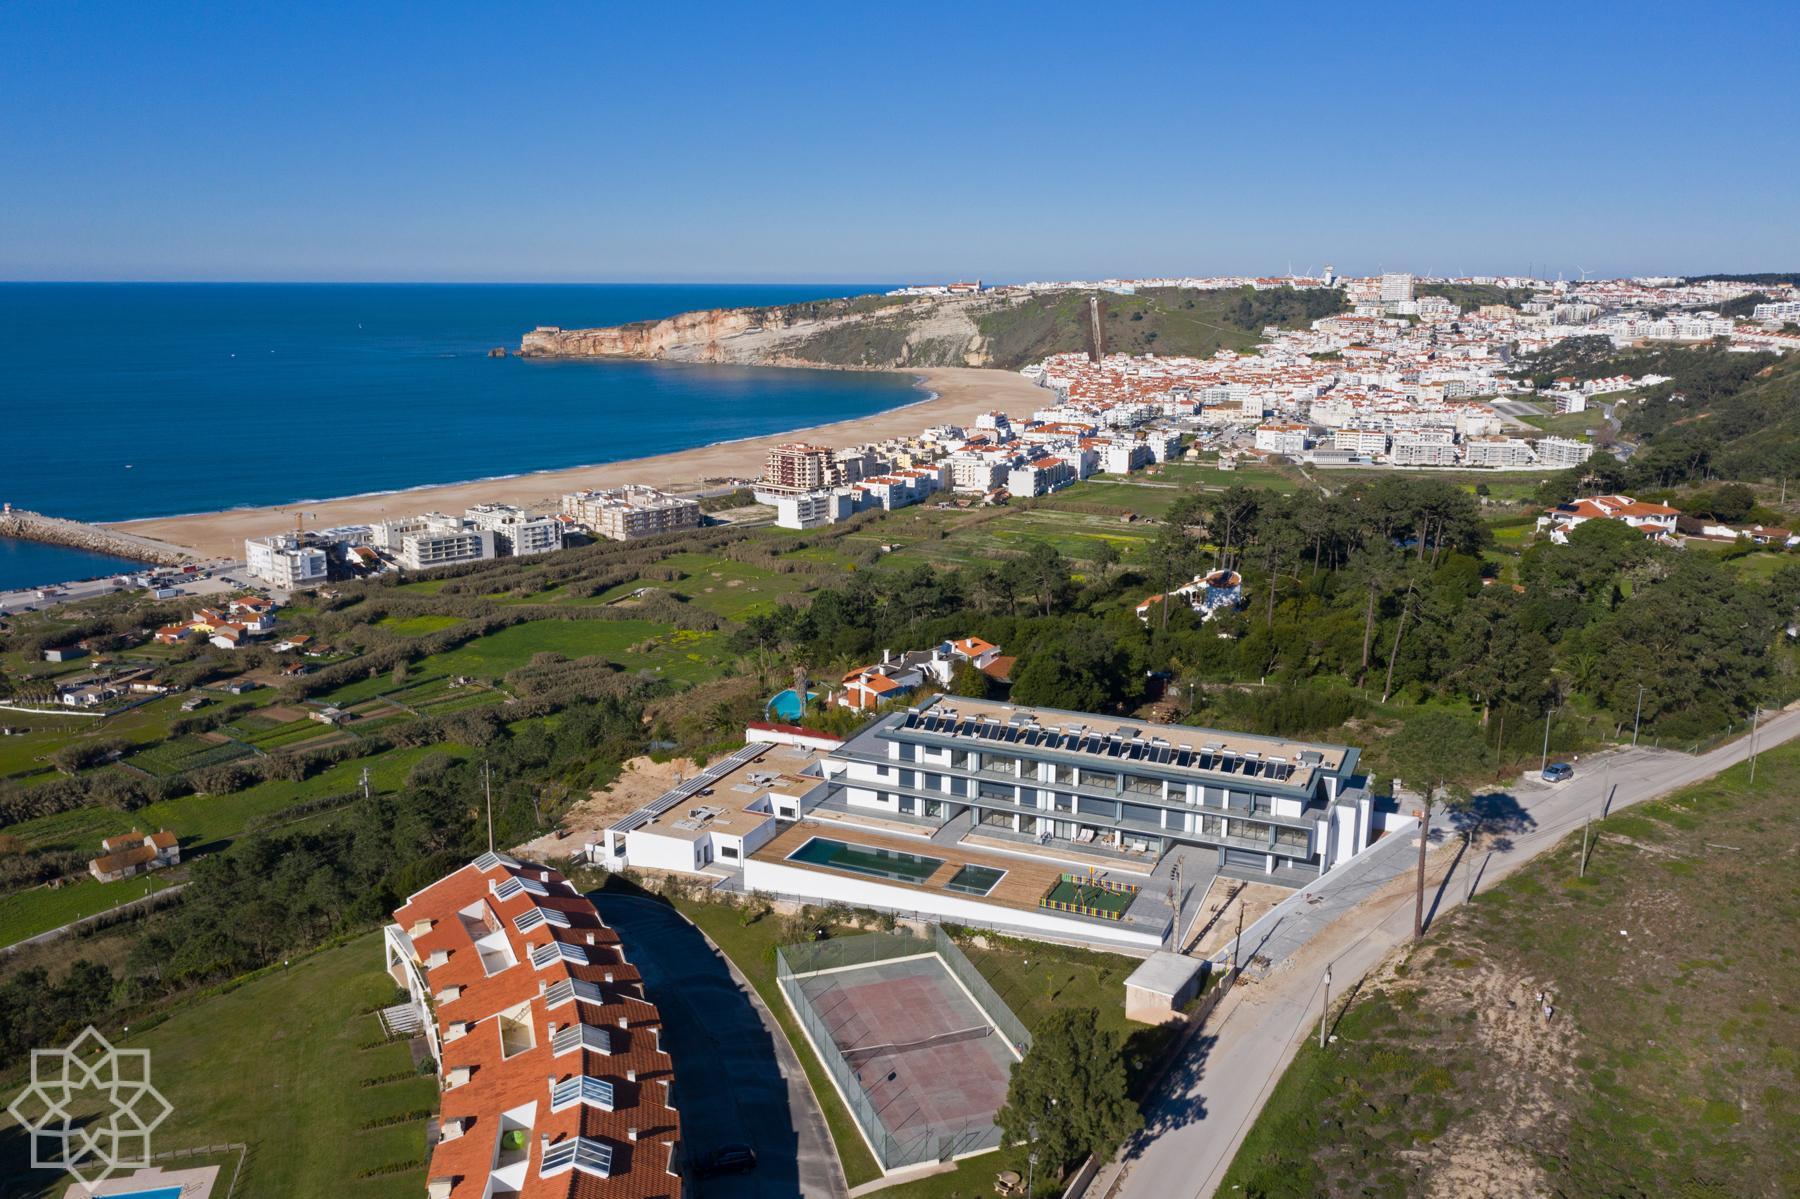 Ocean View, Pederneira, Nazaré